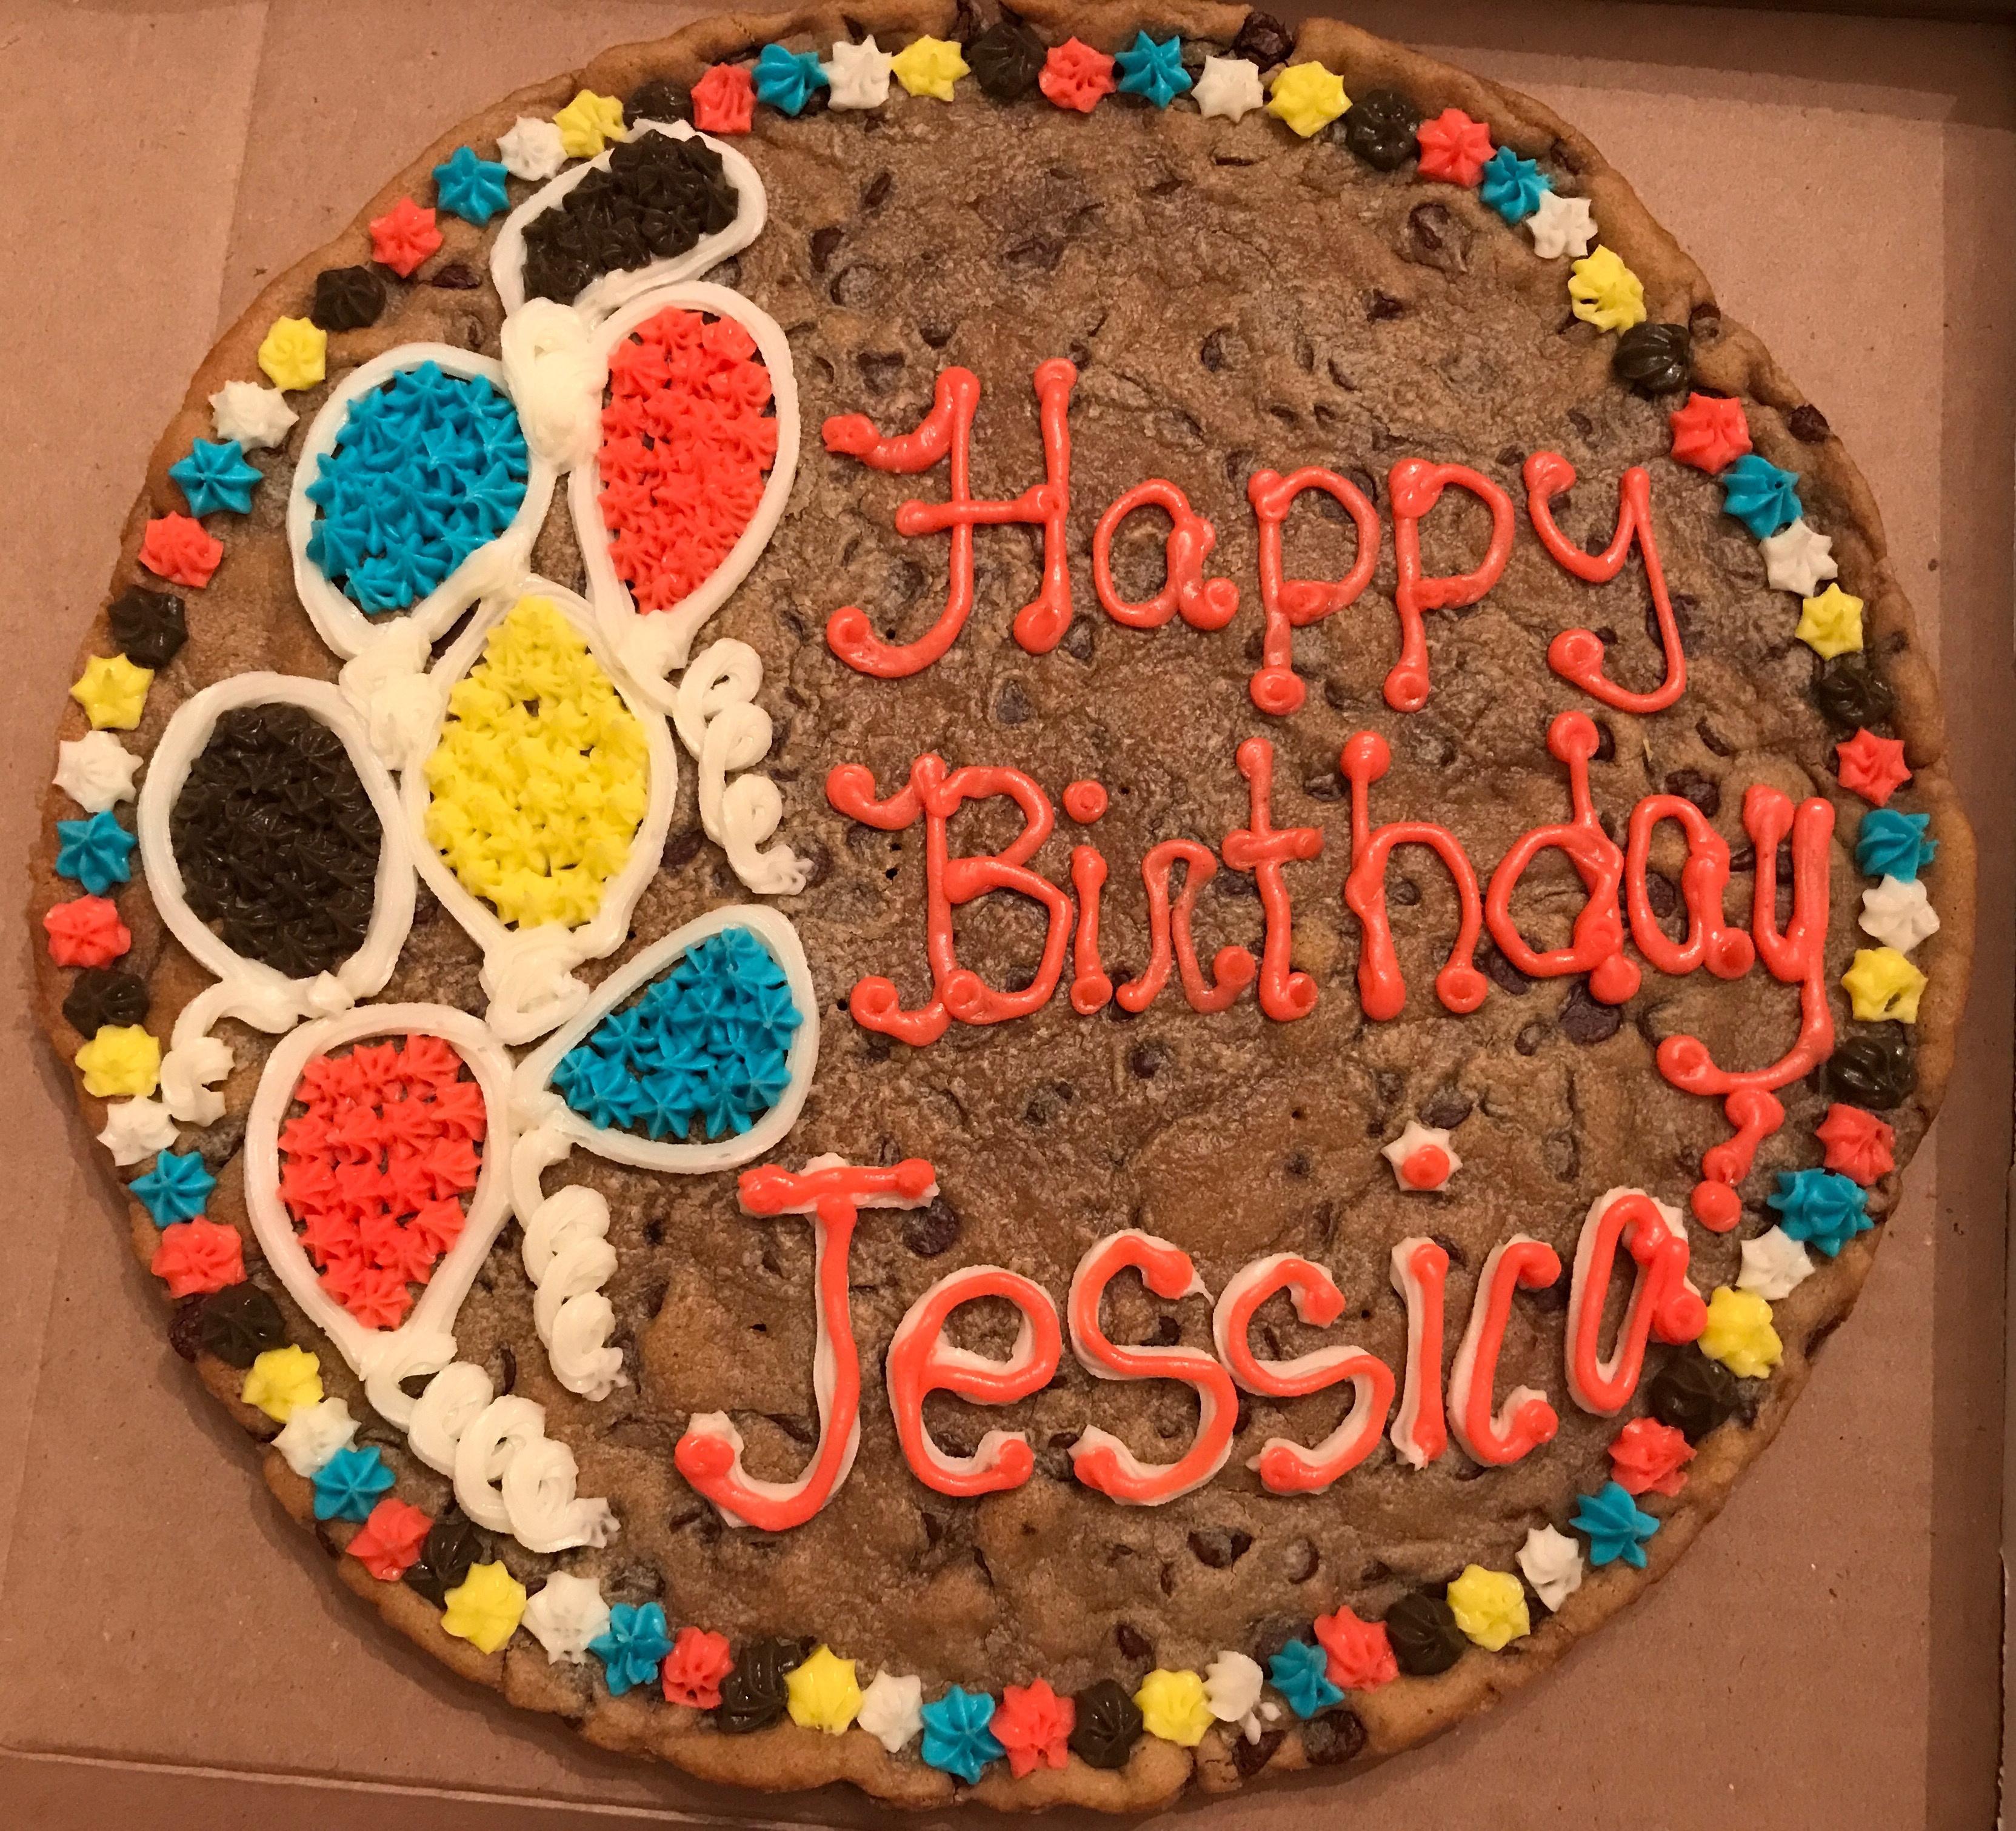 https://0201.nccdn.net/4_2/000/000/04d/add/ballons_Jessica-3326x3021.jpg